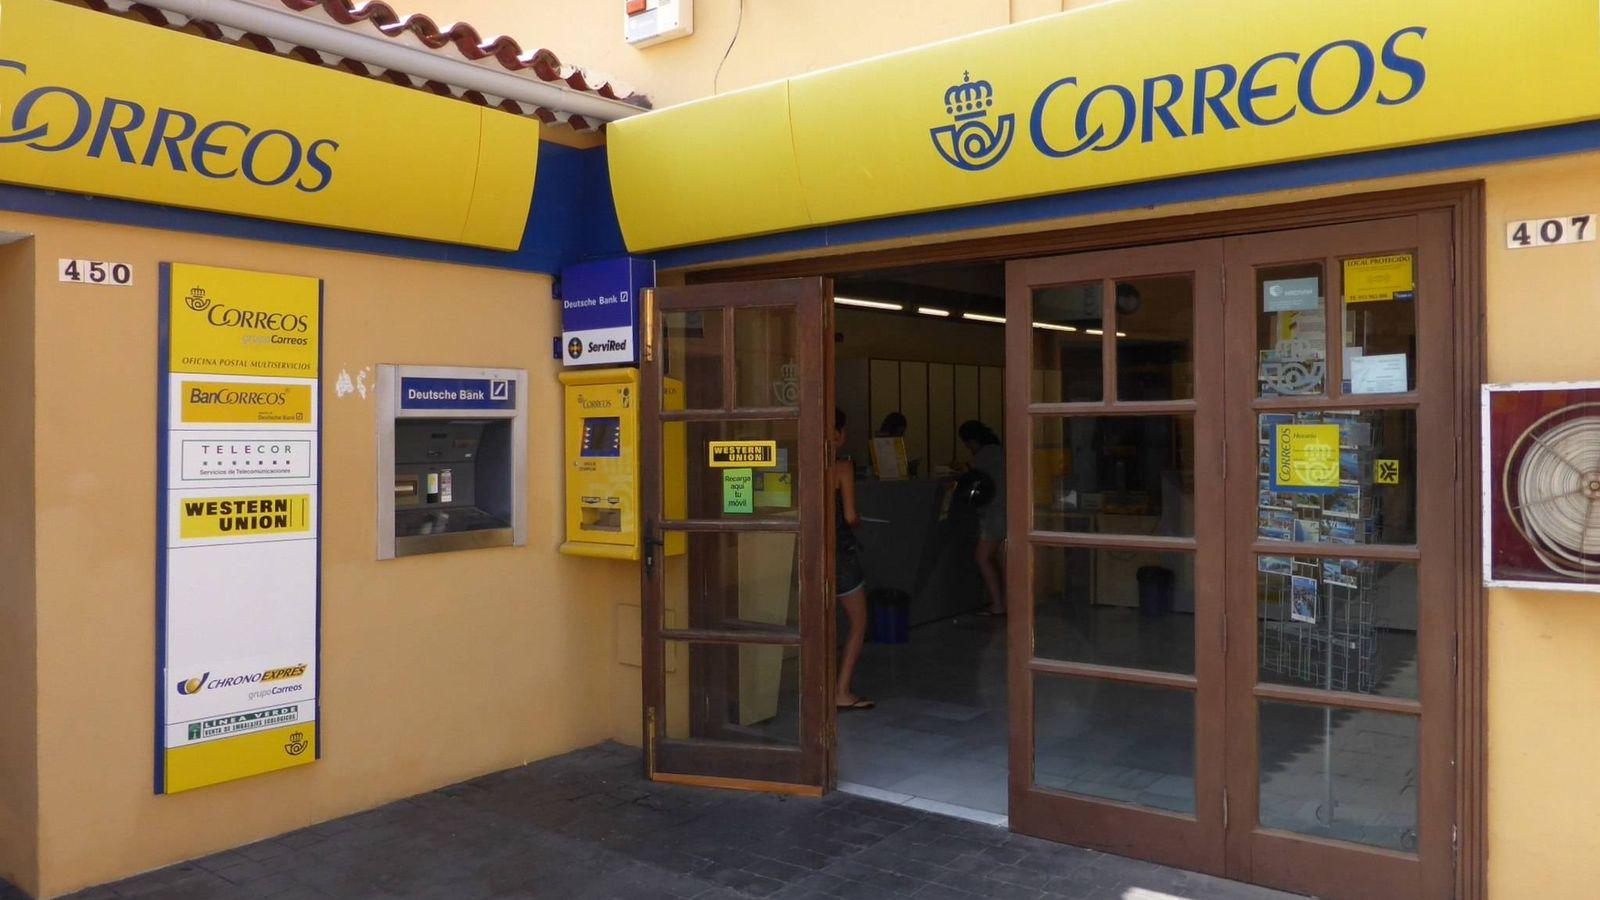 Foto: Oficina de Correos en Tenerife. (Aisano-CC)